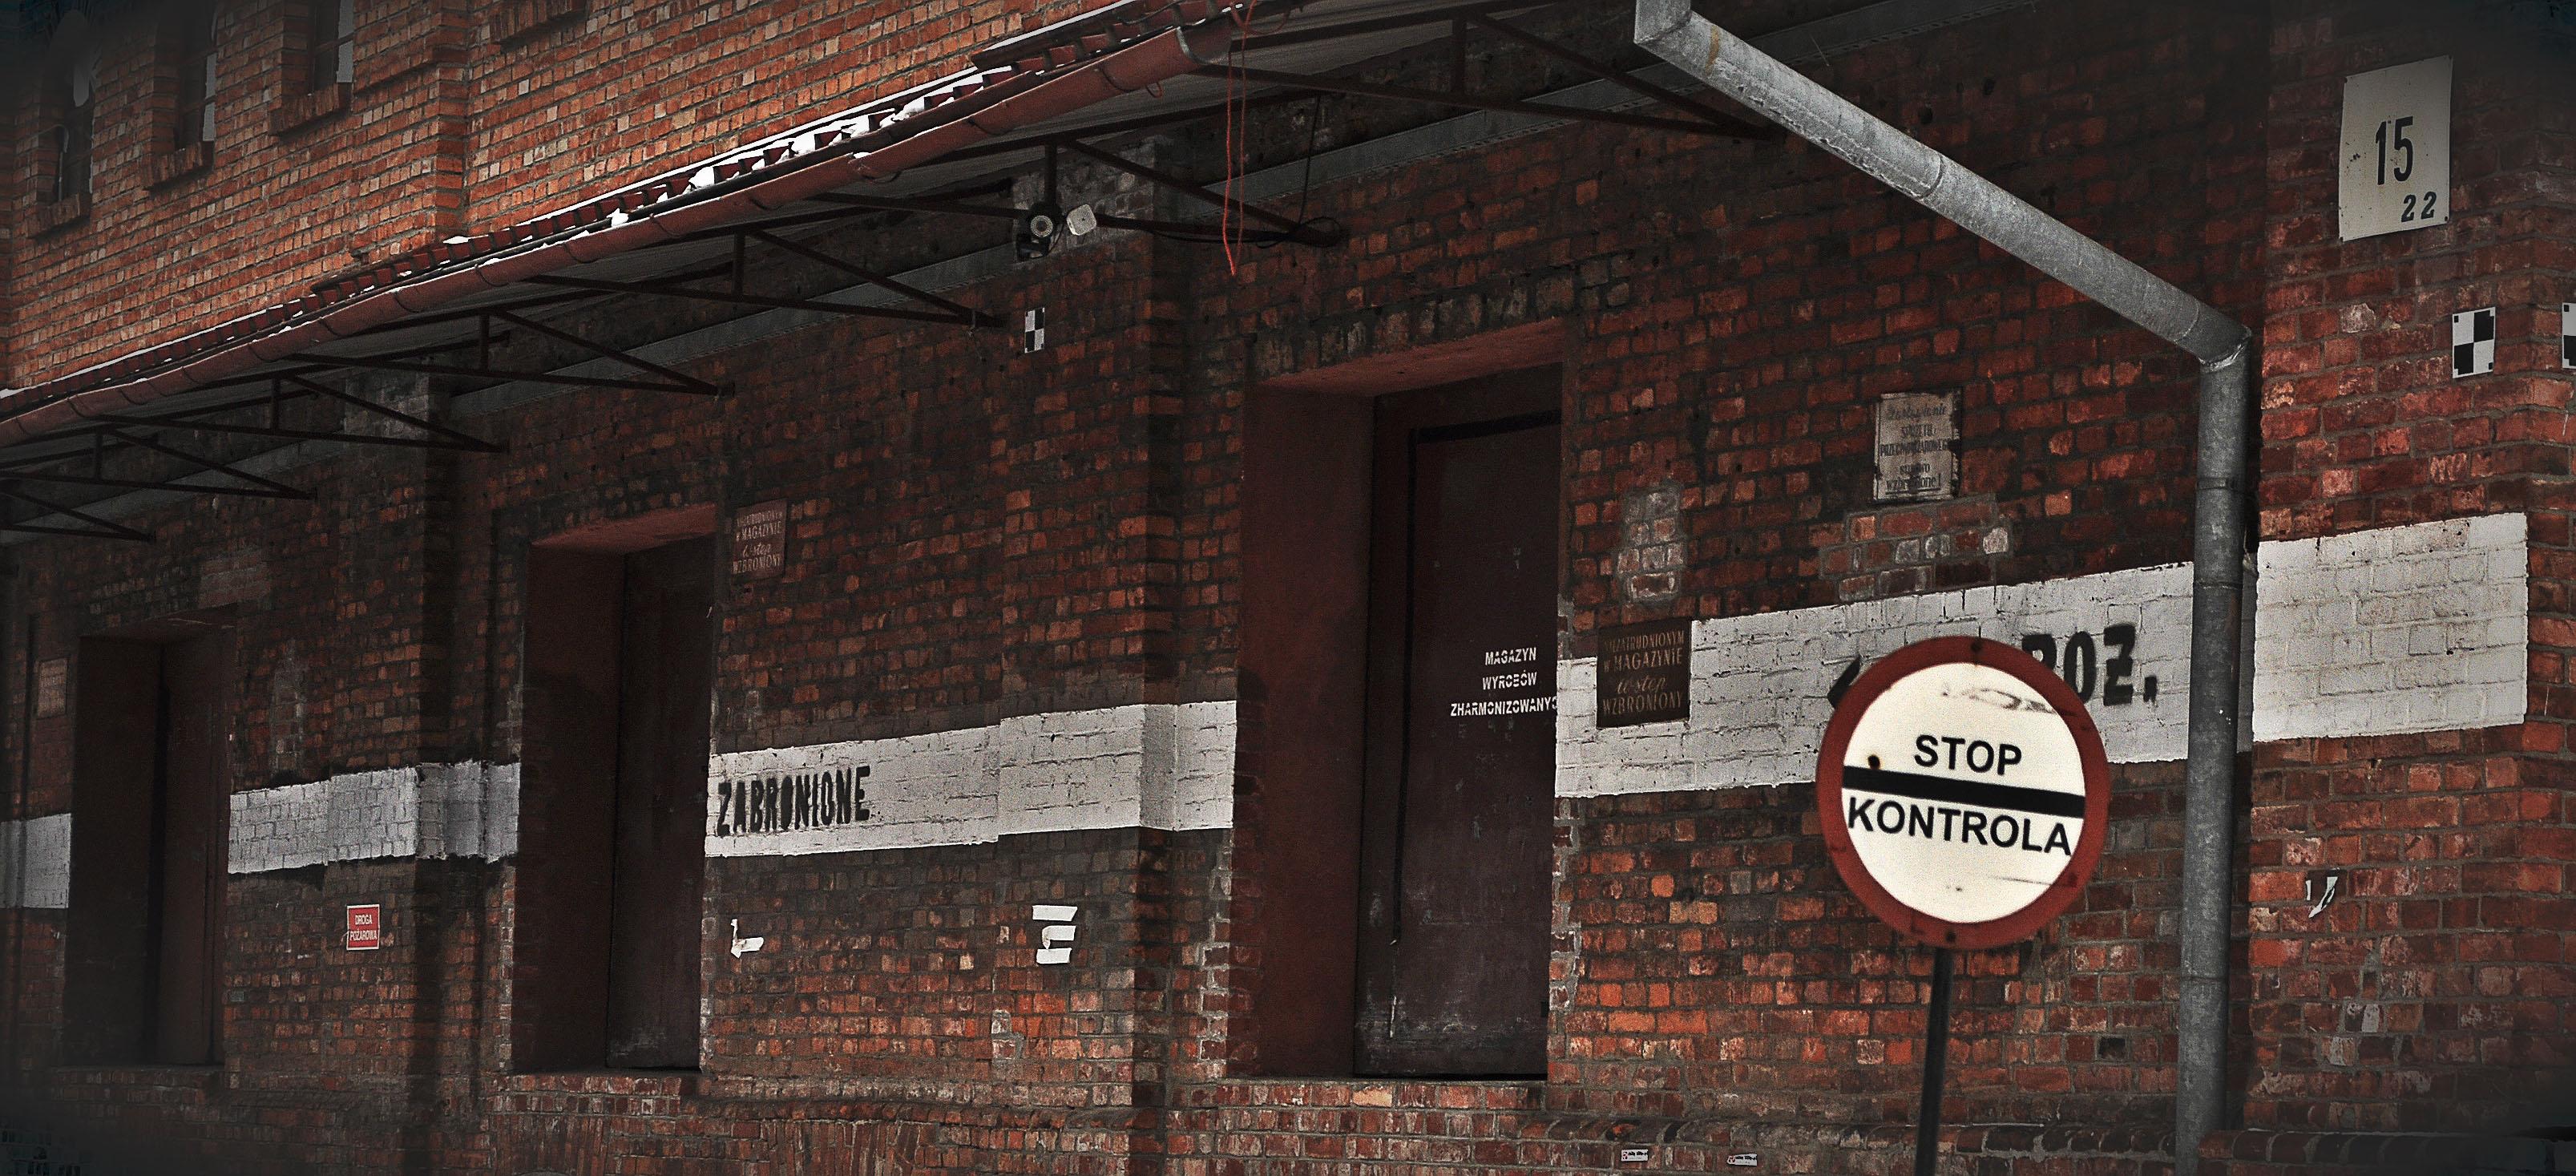 warsaw_stop-kontrola